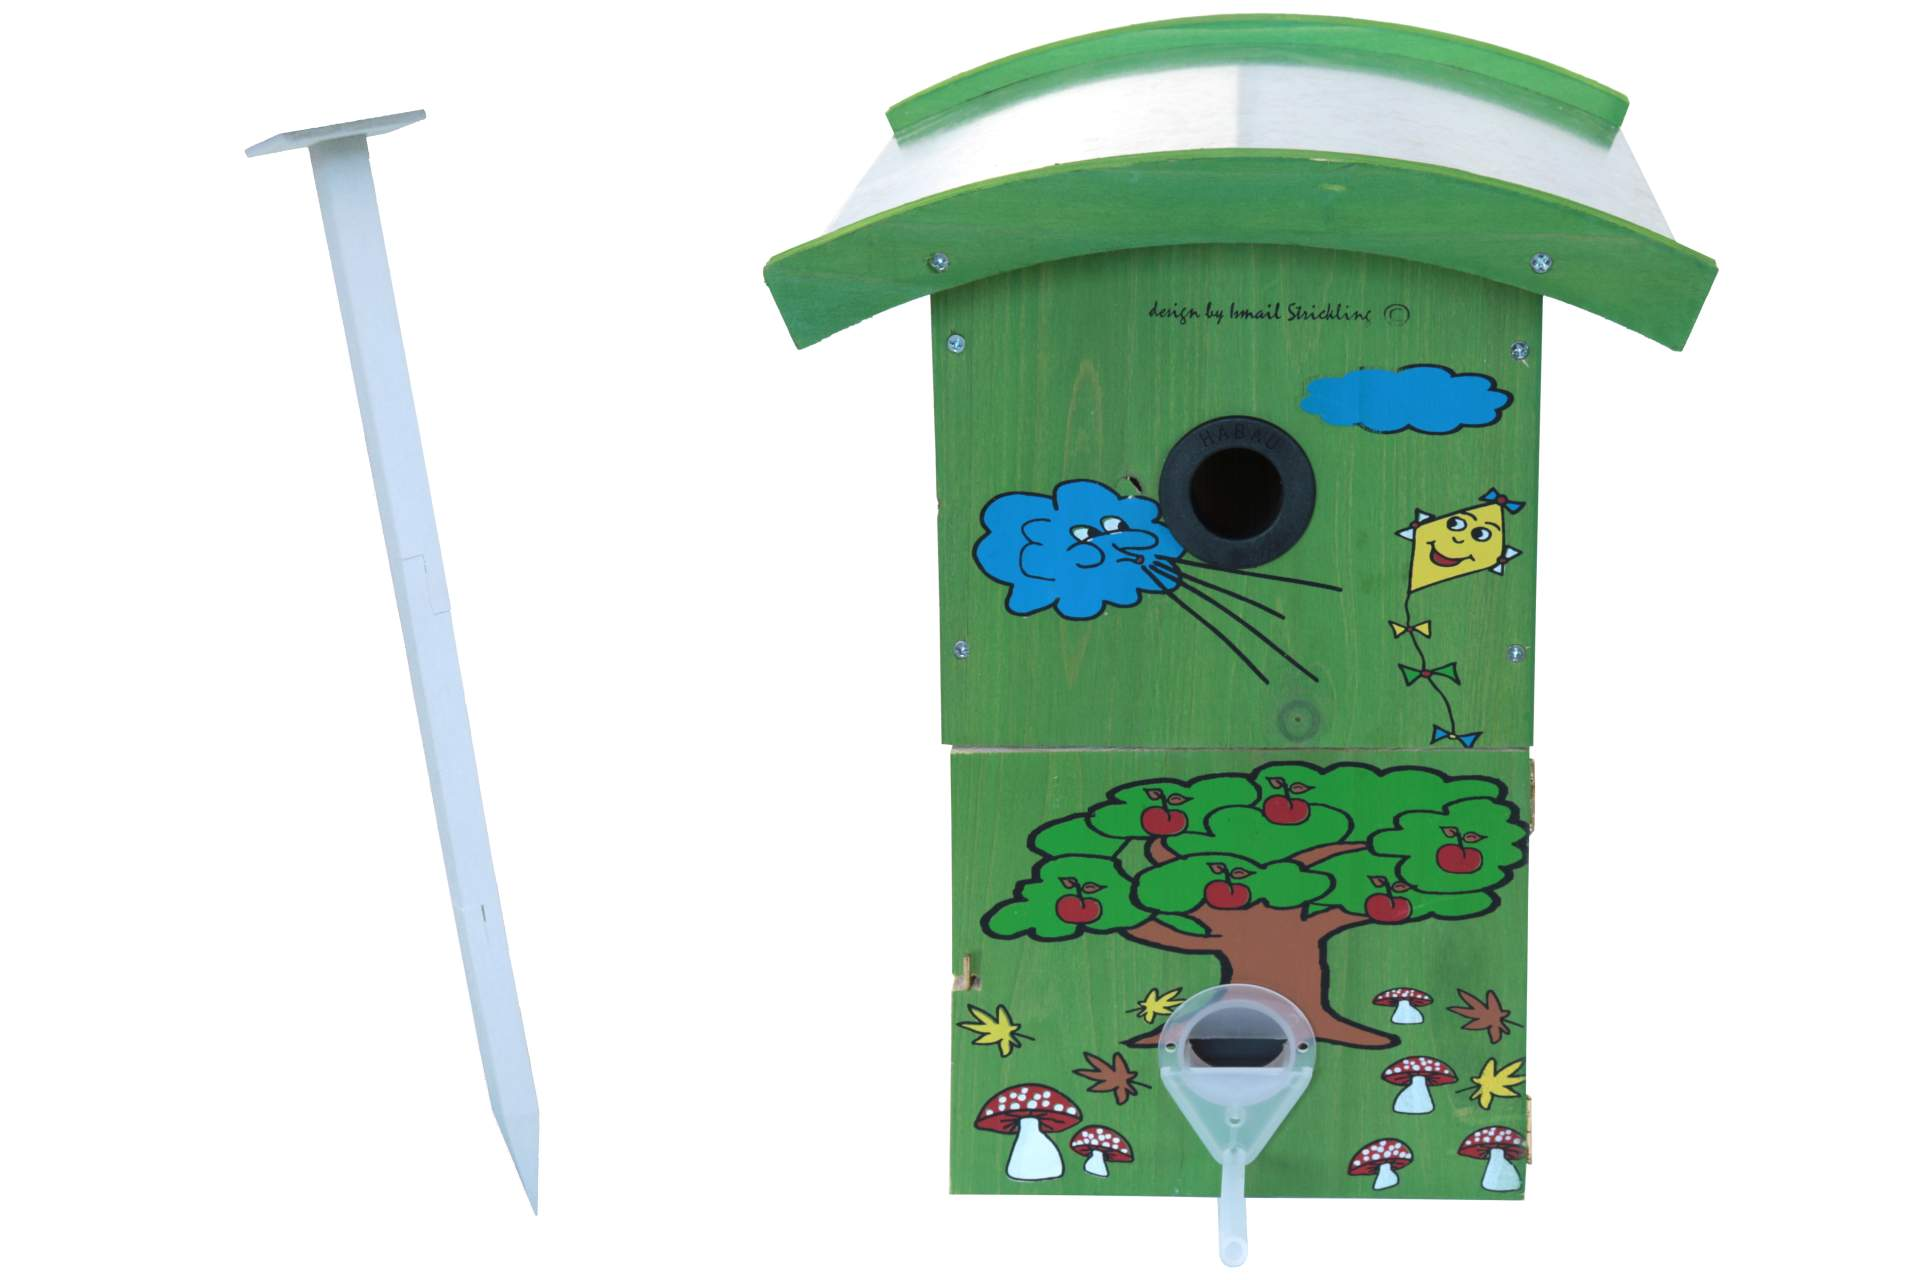 Posten Börse Gartenmöbel : vogel futterhaus nisthaus 4 jahreszeiten herbst mit st nder dekoration garten posten b rse ~ Watch28wear.com Haus und Dekorationen